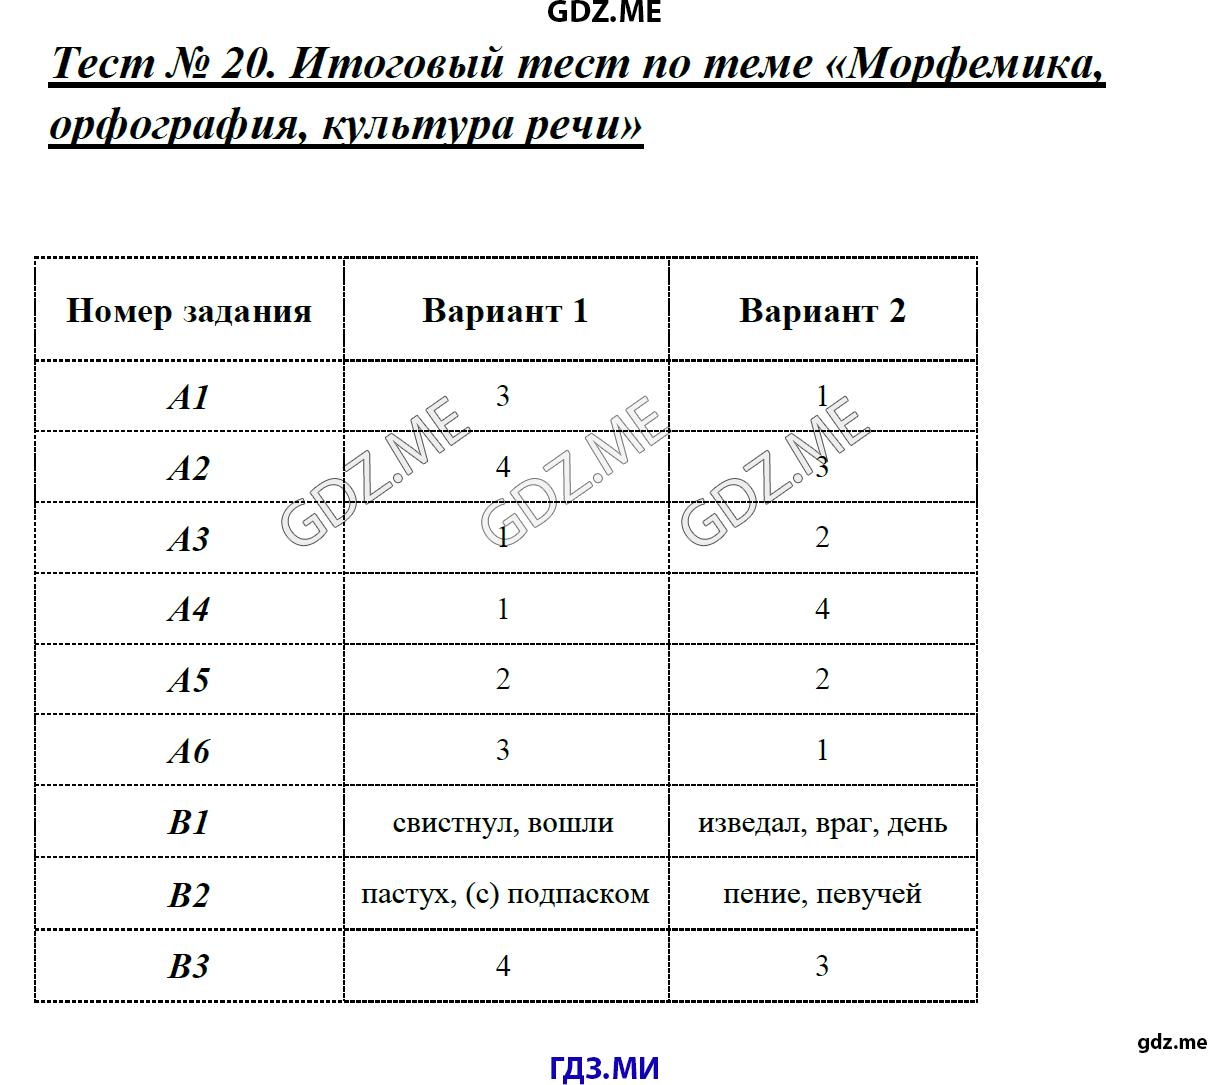 Тест 23 итоговый тест по теме местоимение ответы 6 класс